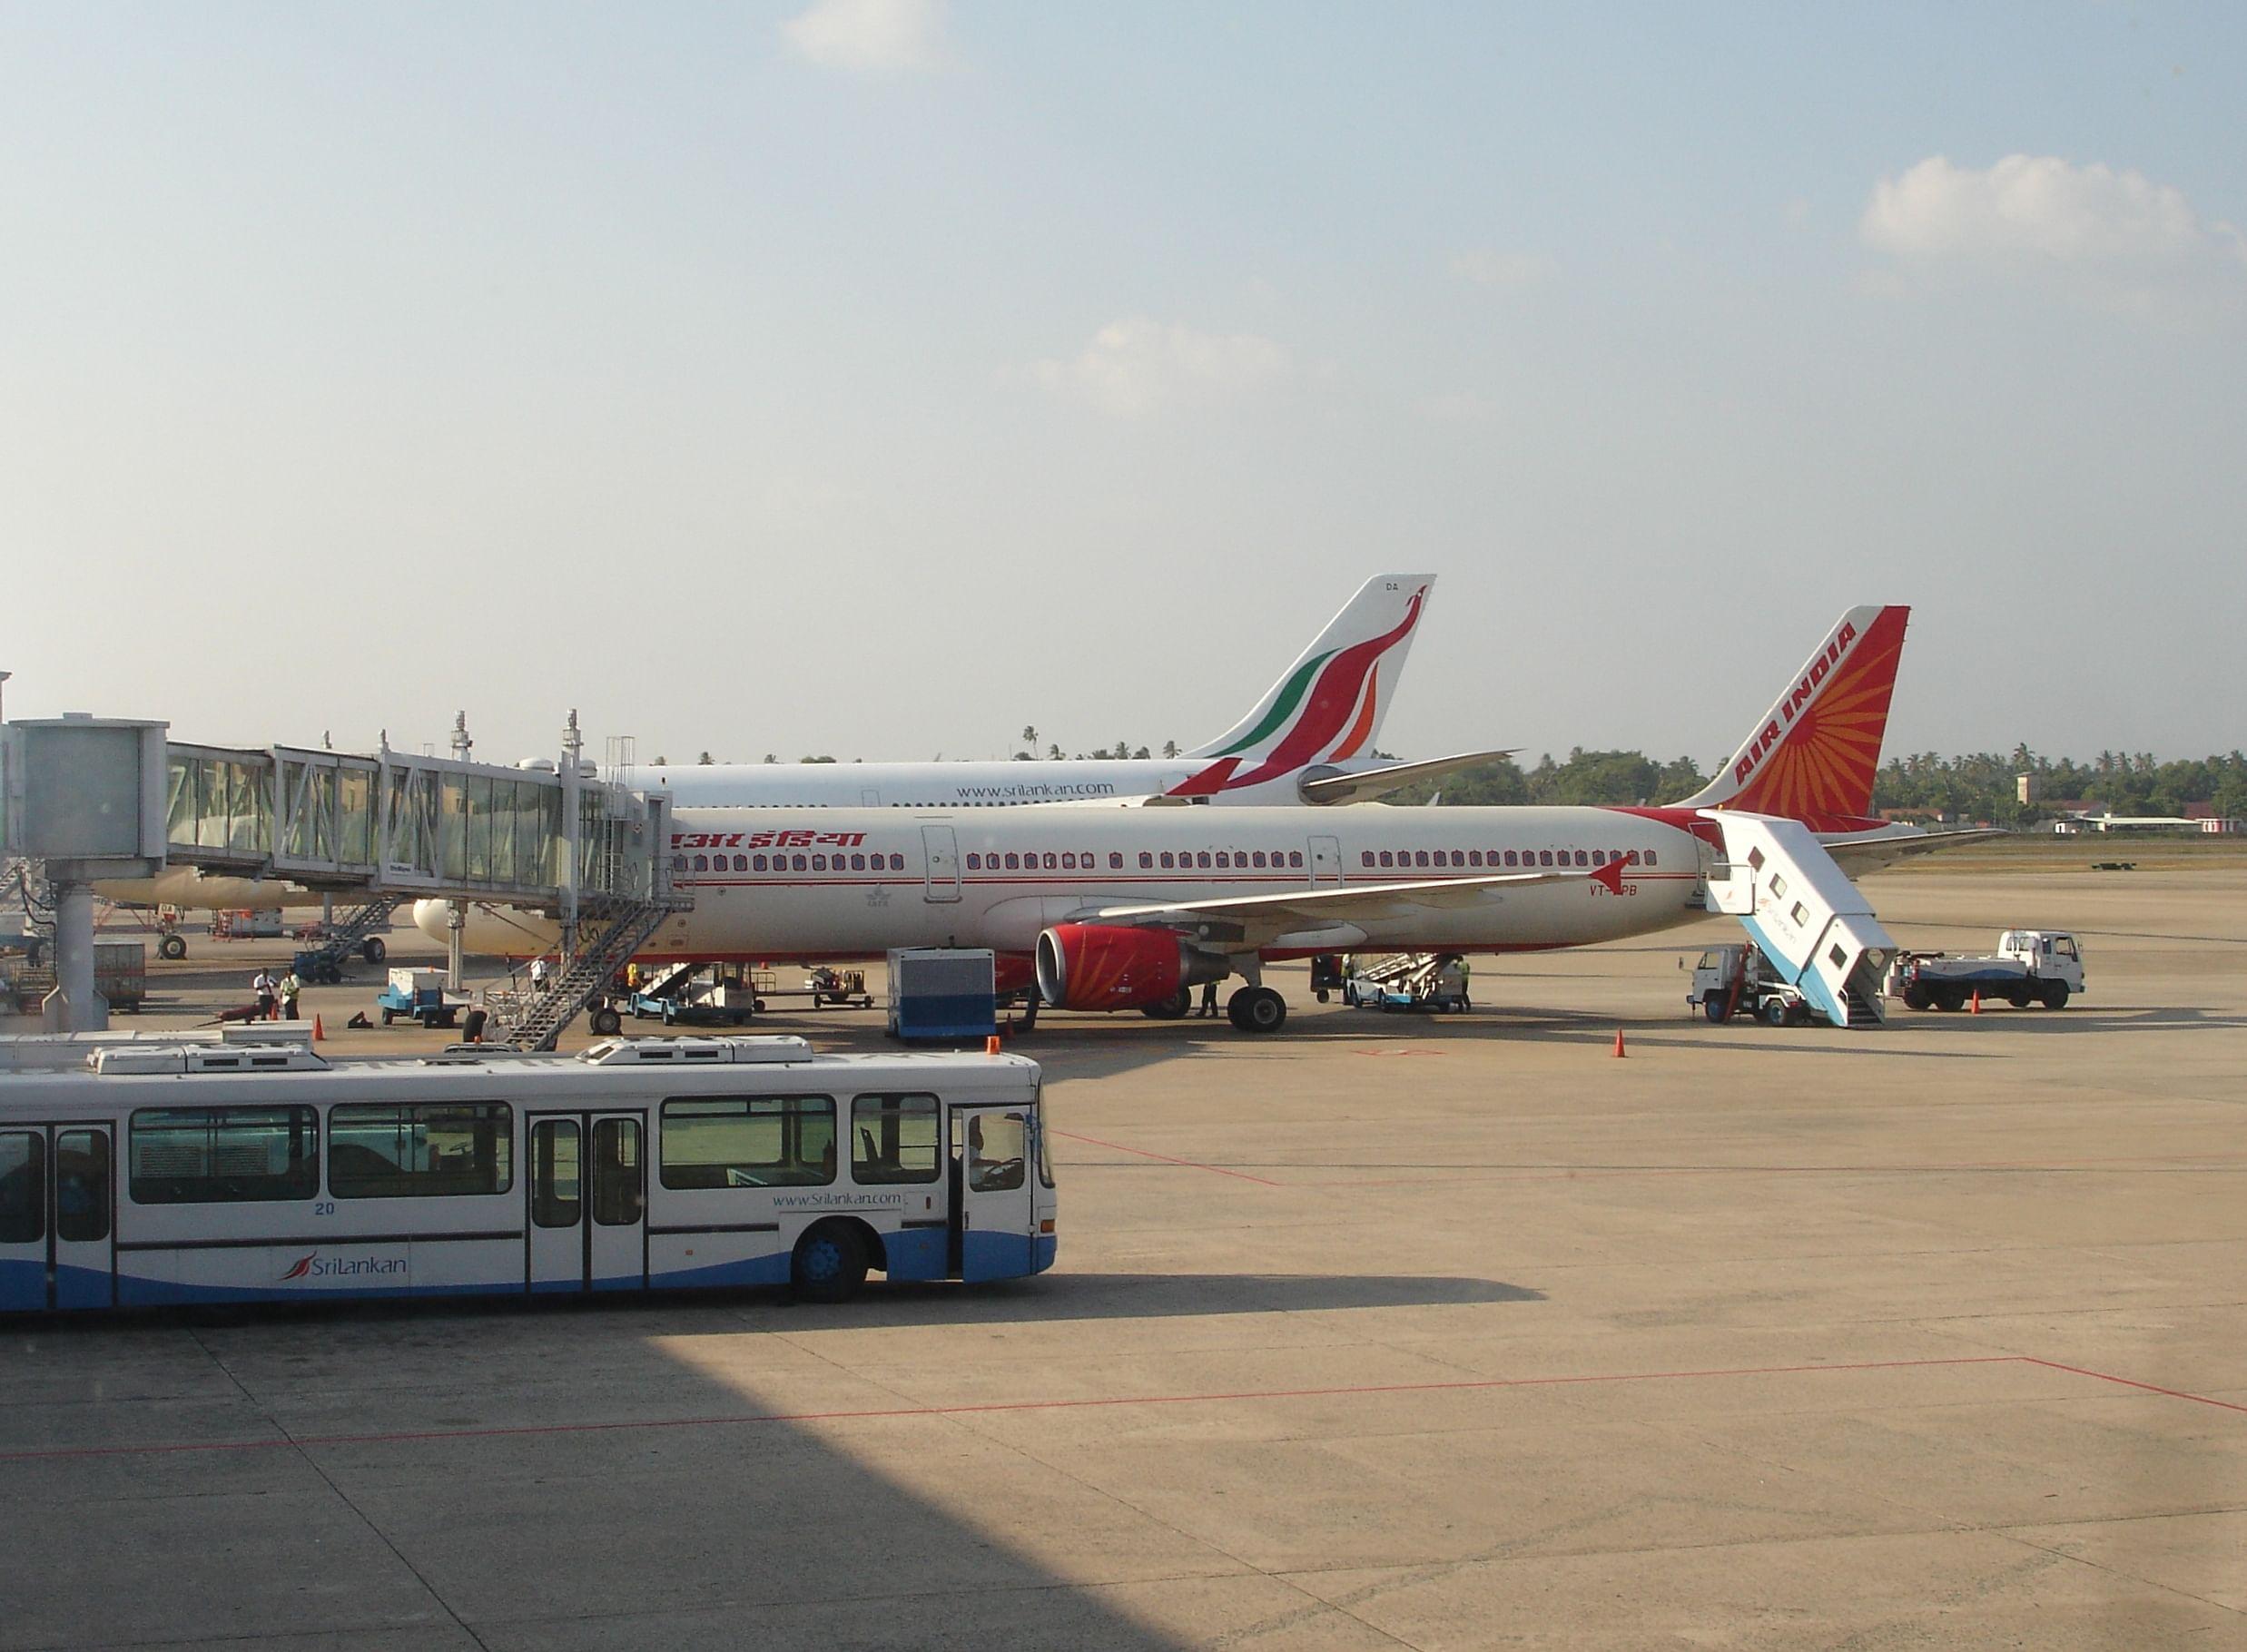 Air_India_and_SriLankan_aircraft_at_colomobo_airport_terminal